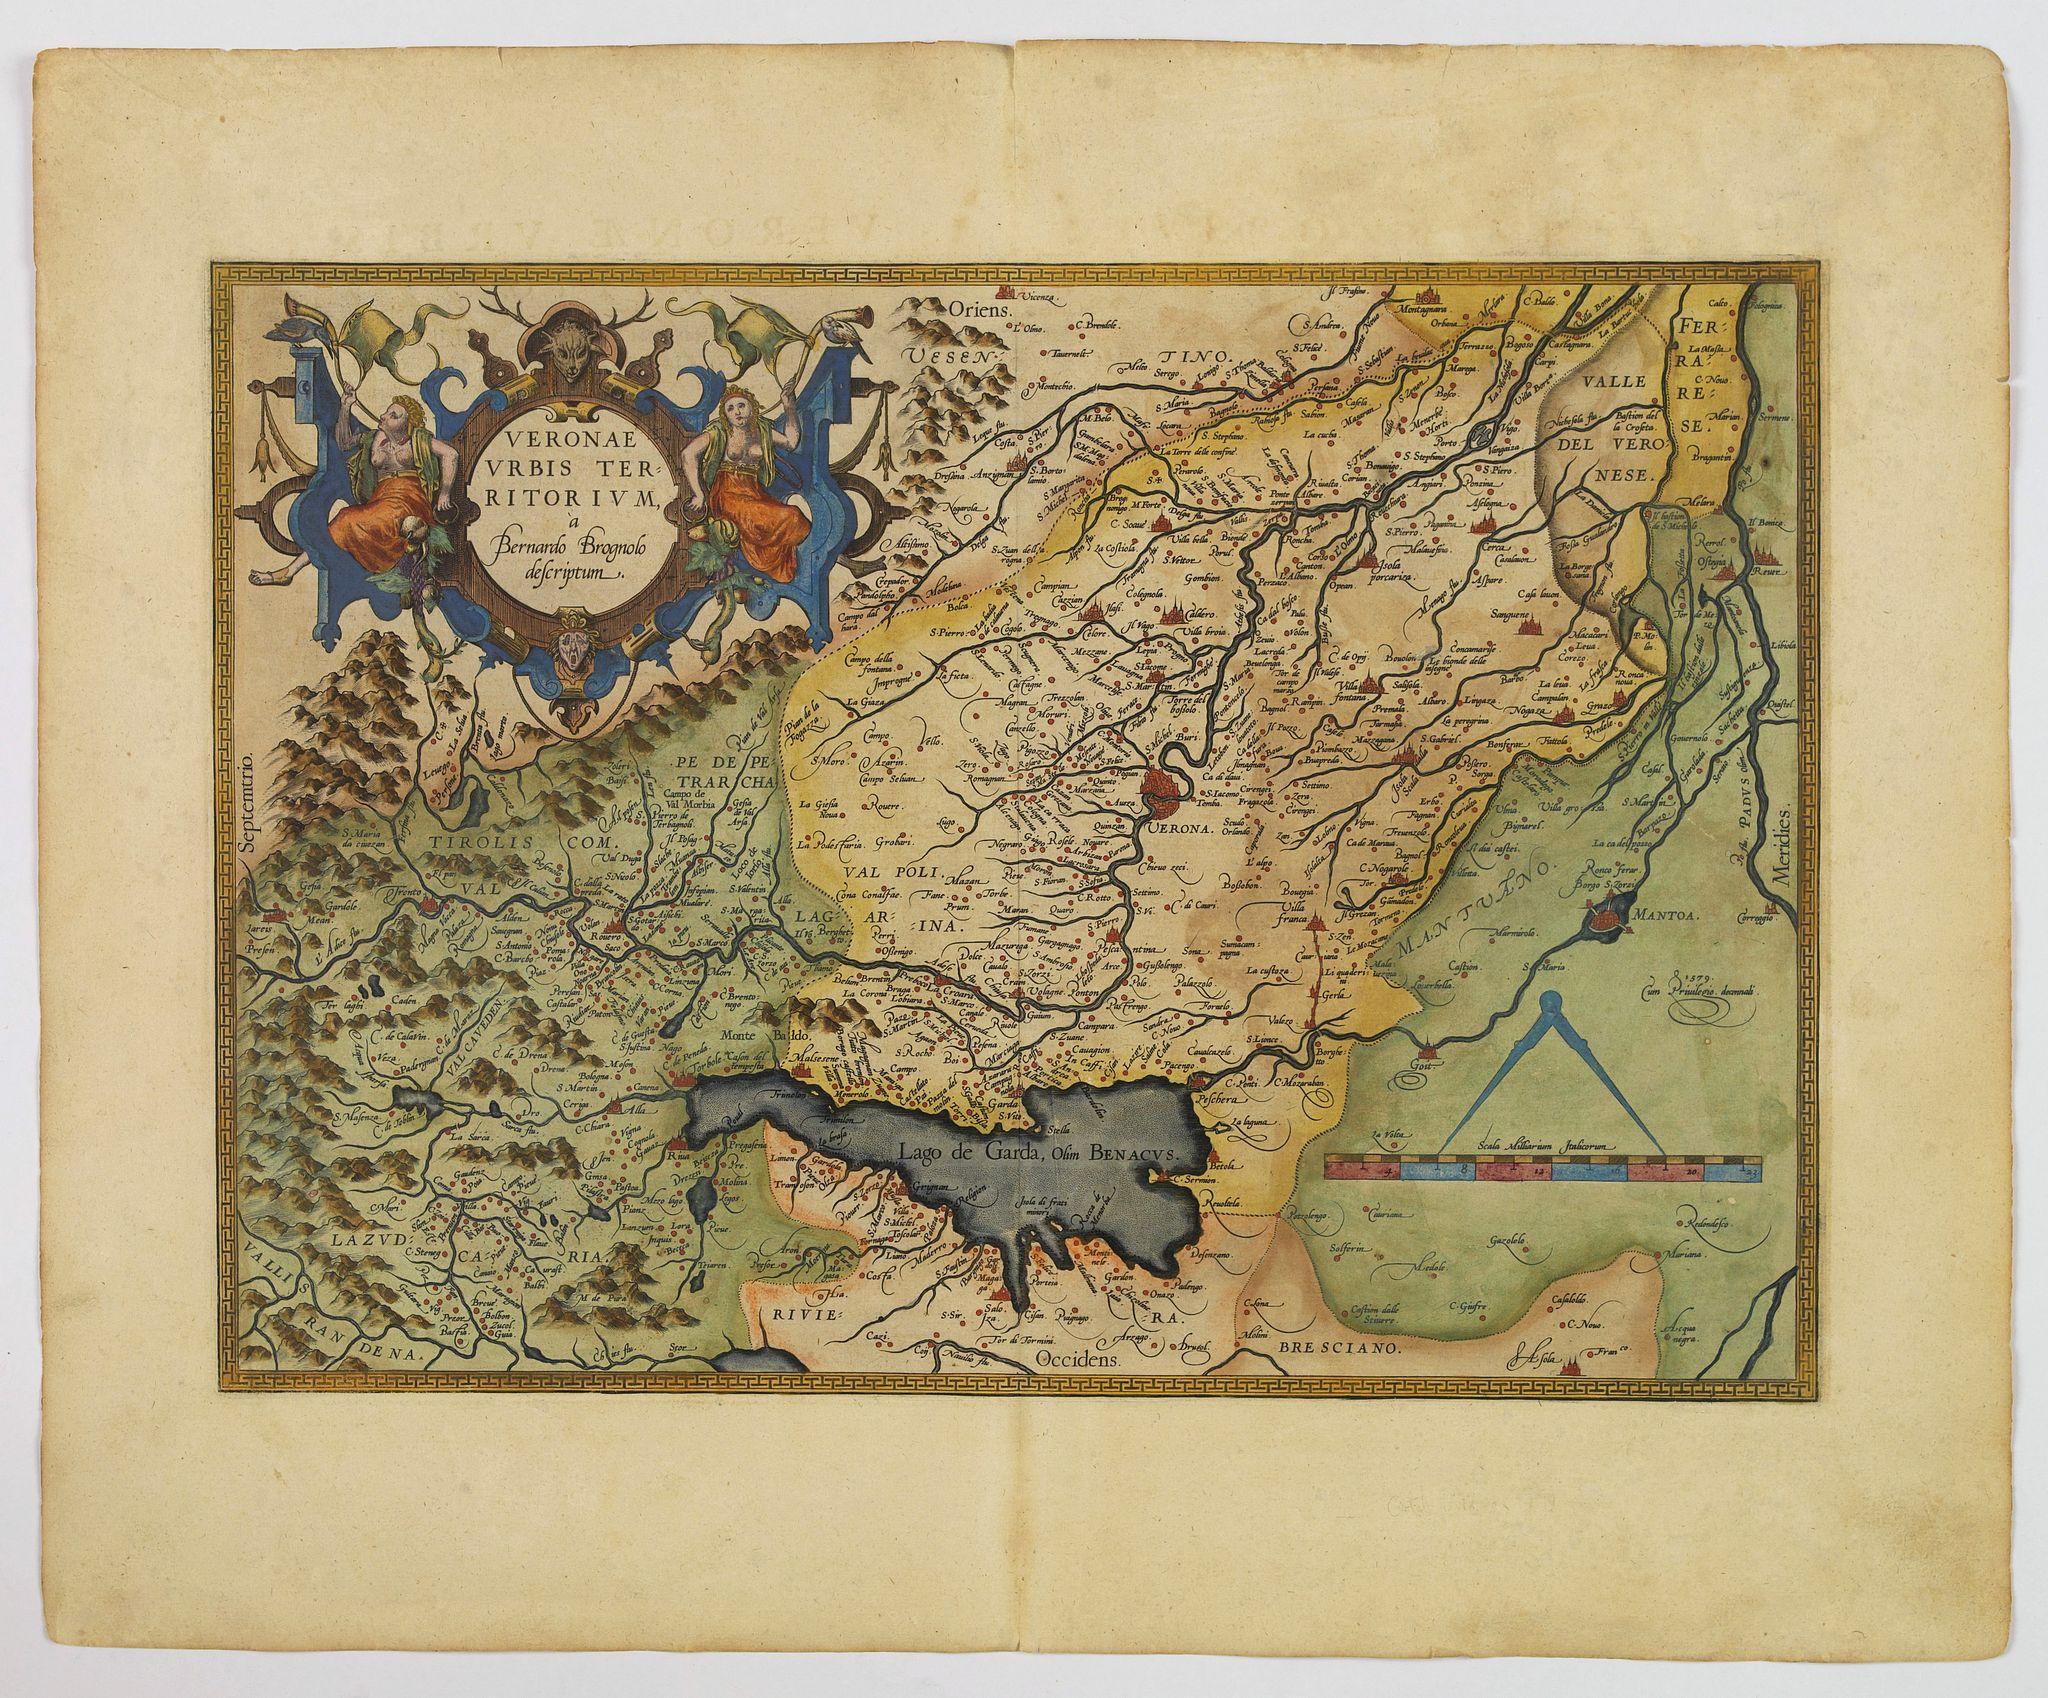 ORTELIUS, A. -  Veronae Urbis Territorium.